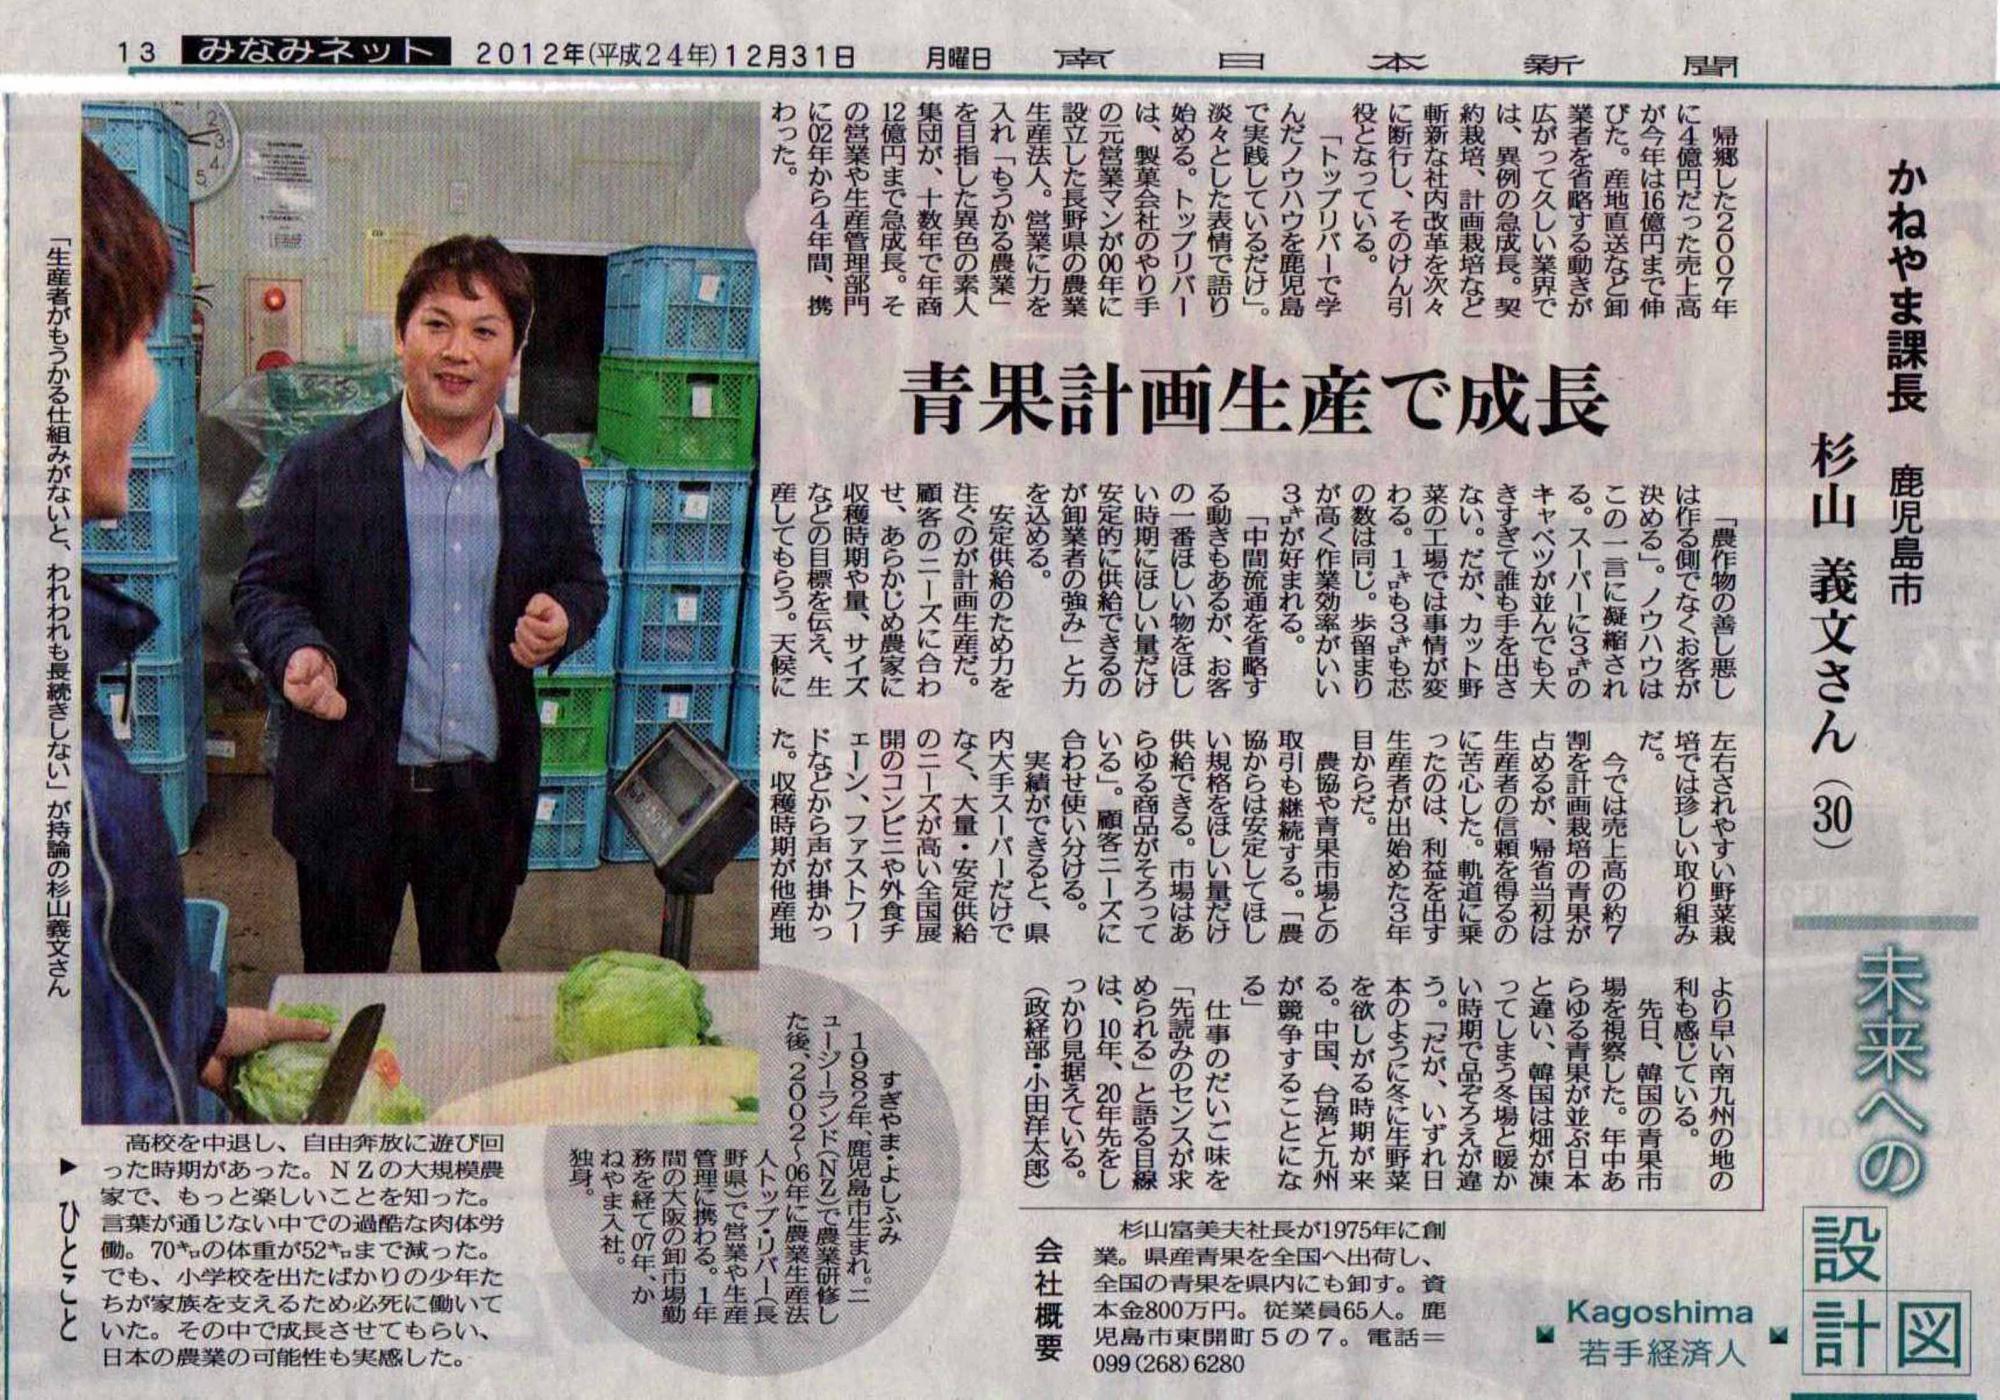 2012年12月31日 南日本新聞